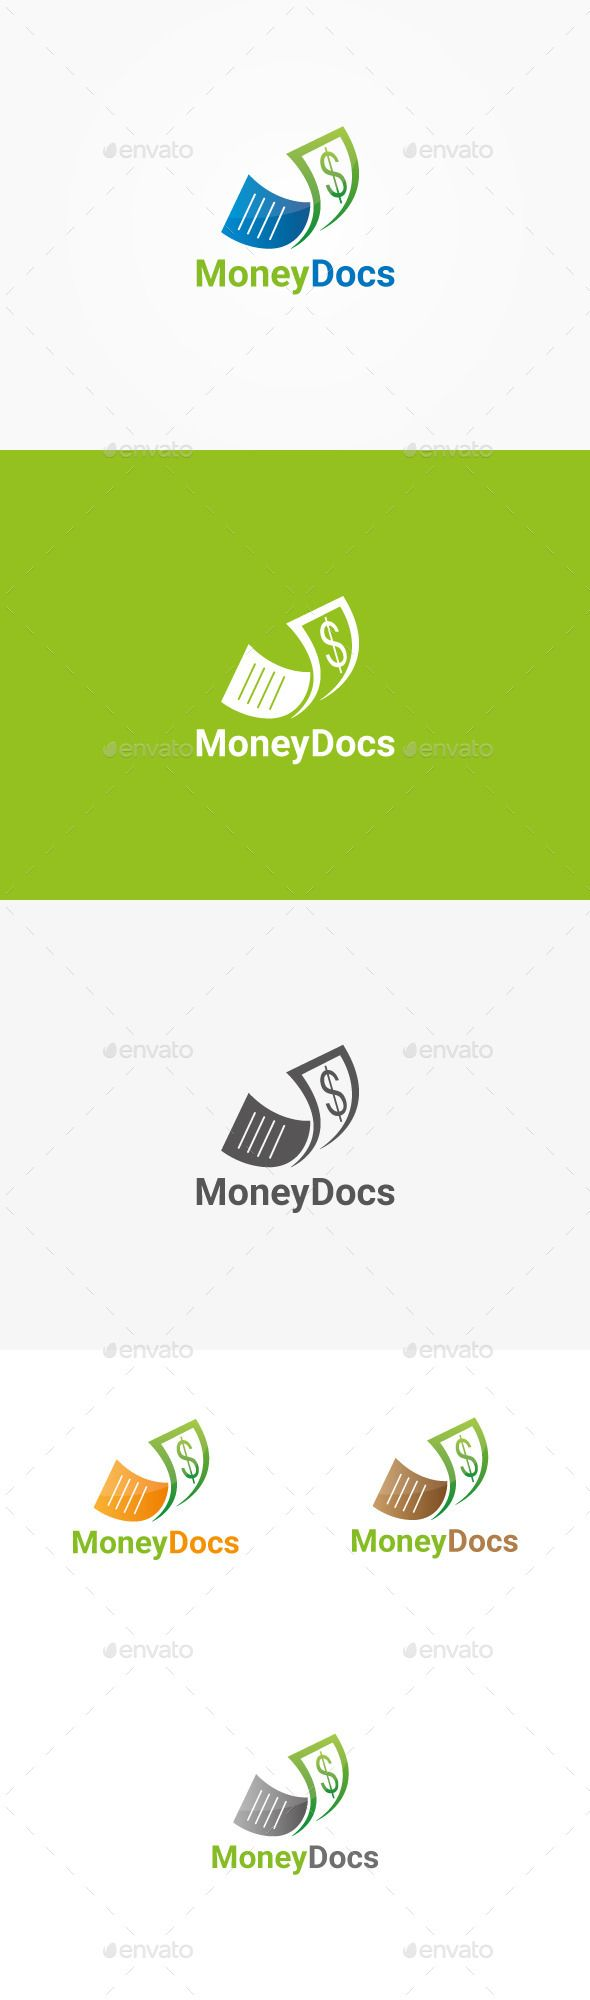 money docs logo design template vector logotype download it here